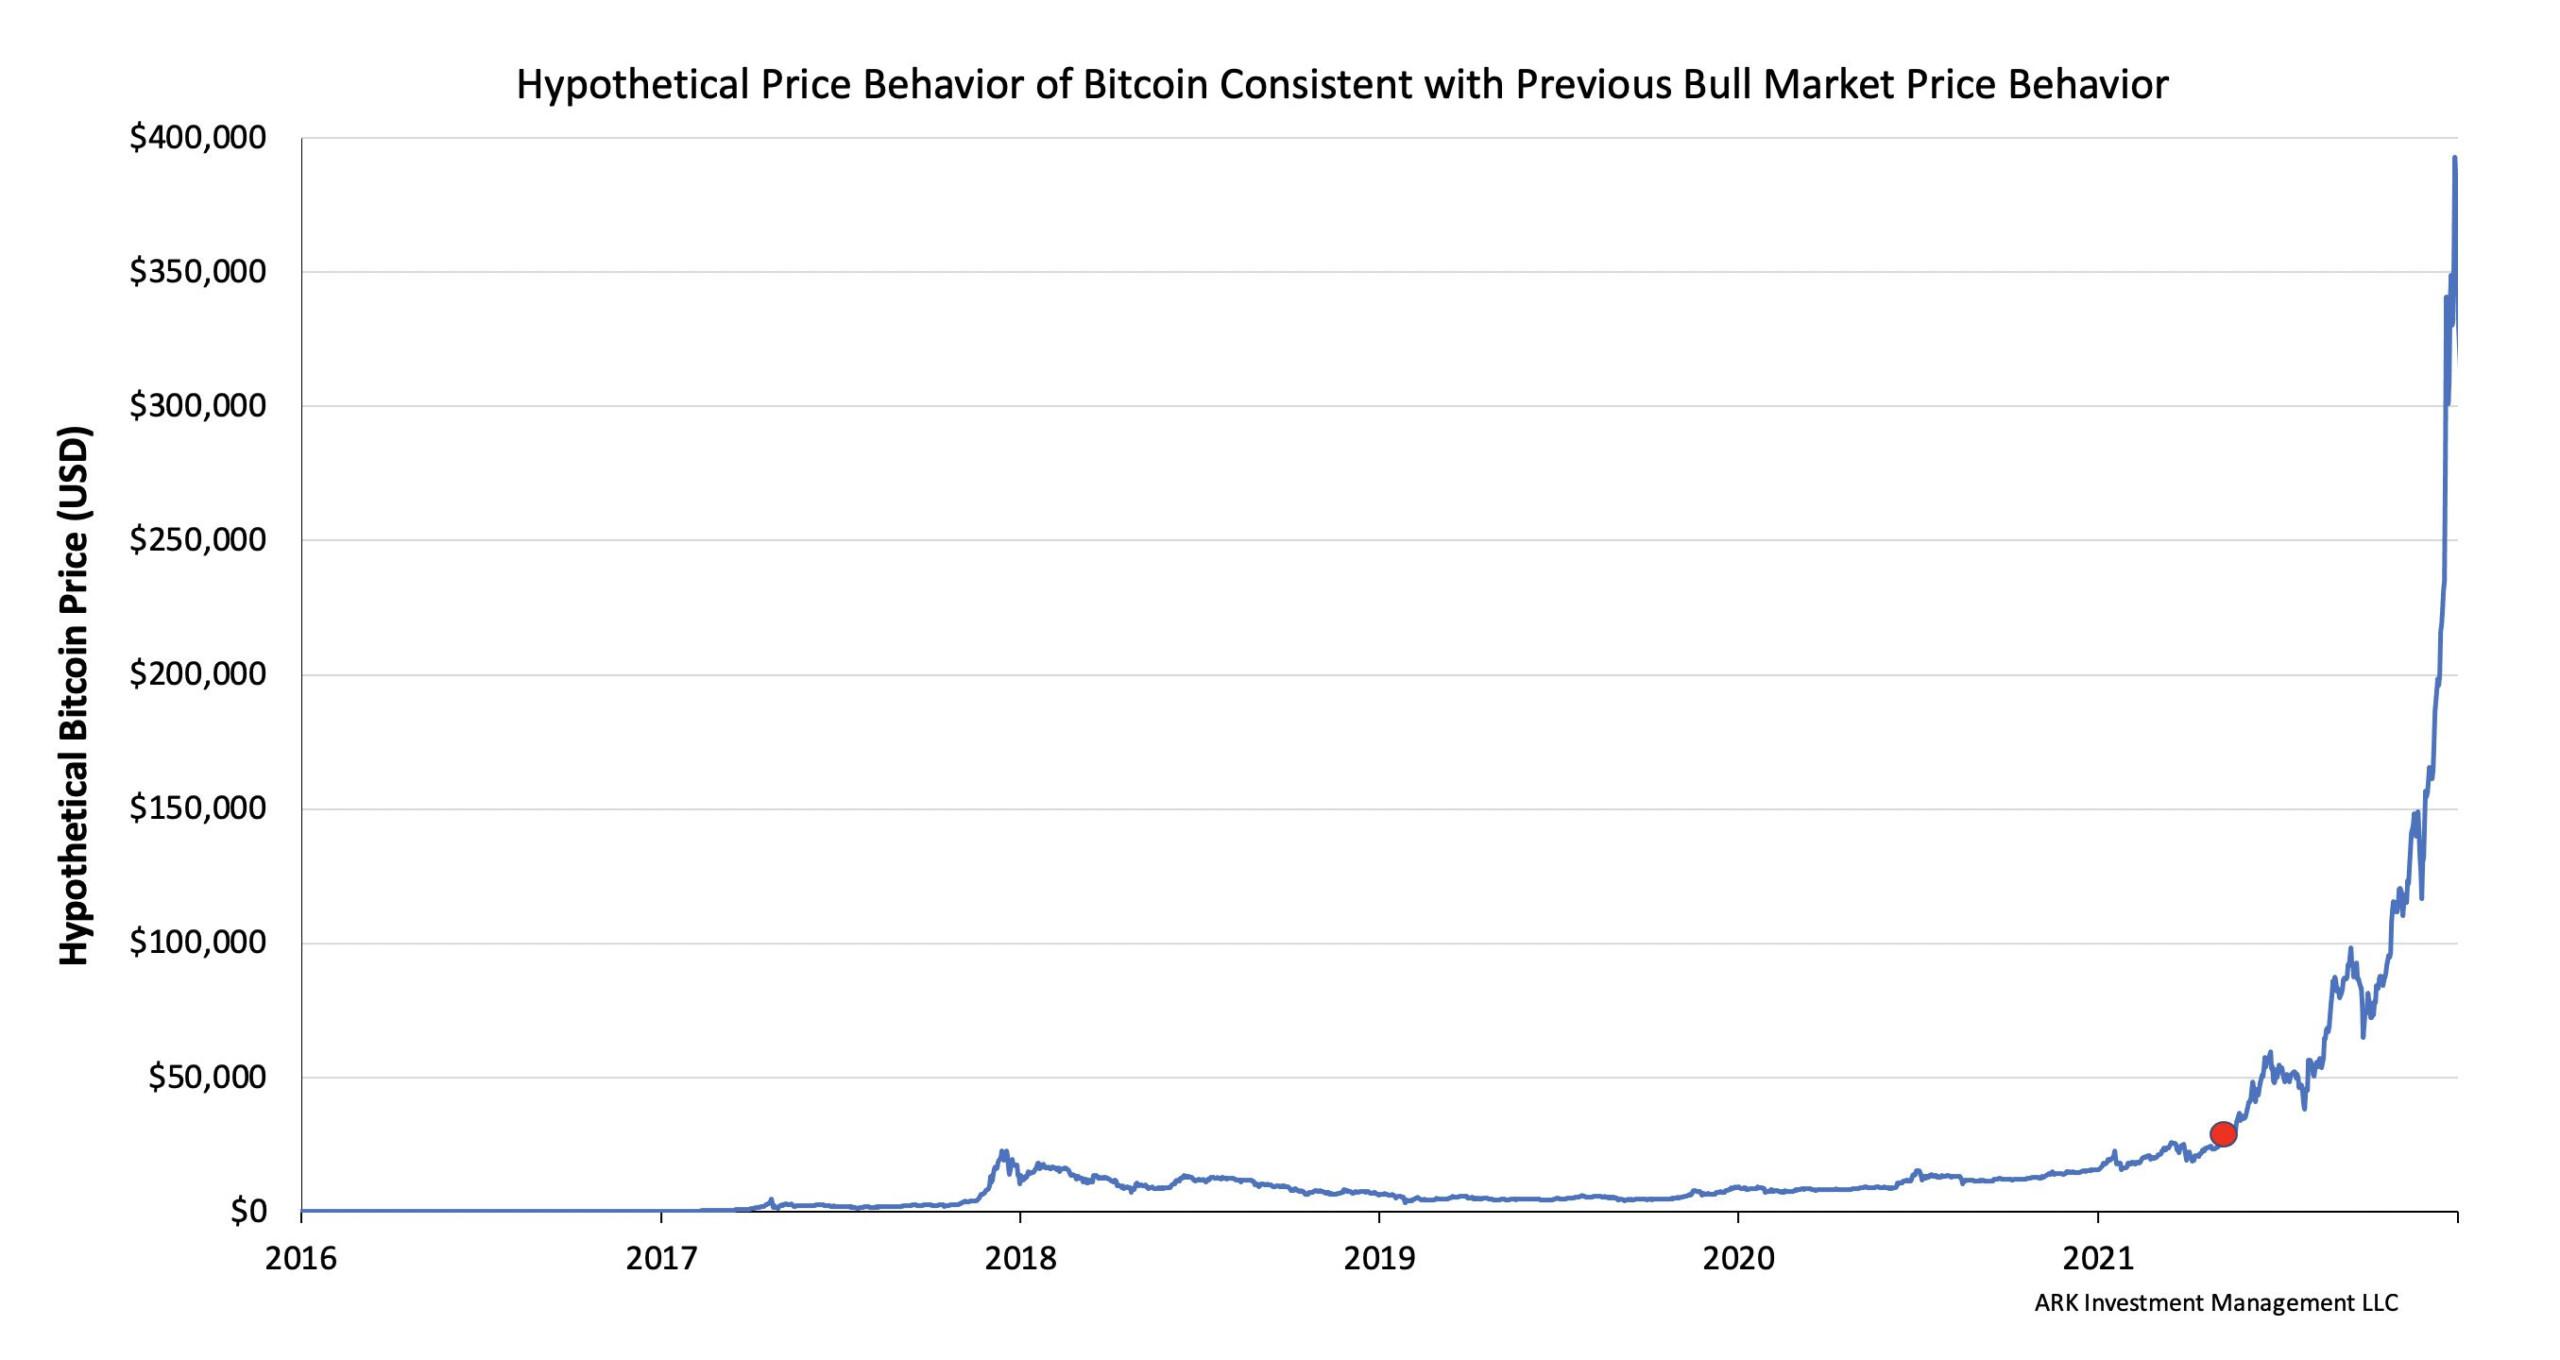 نمودار فرضی قیمت بیت کوین بر اساس روندهای تاریخی قبلی